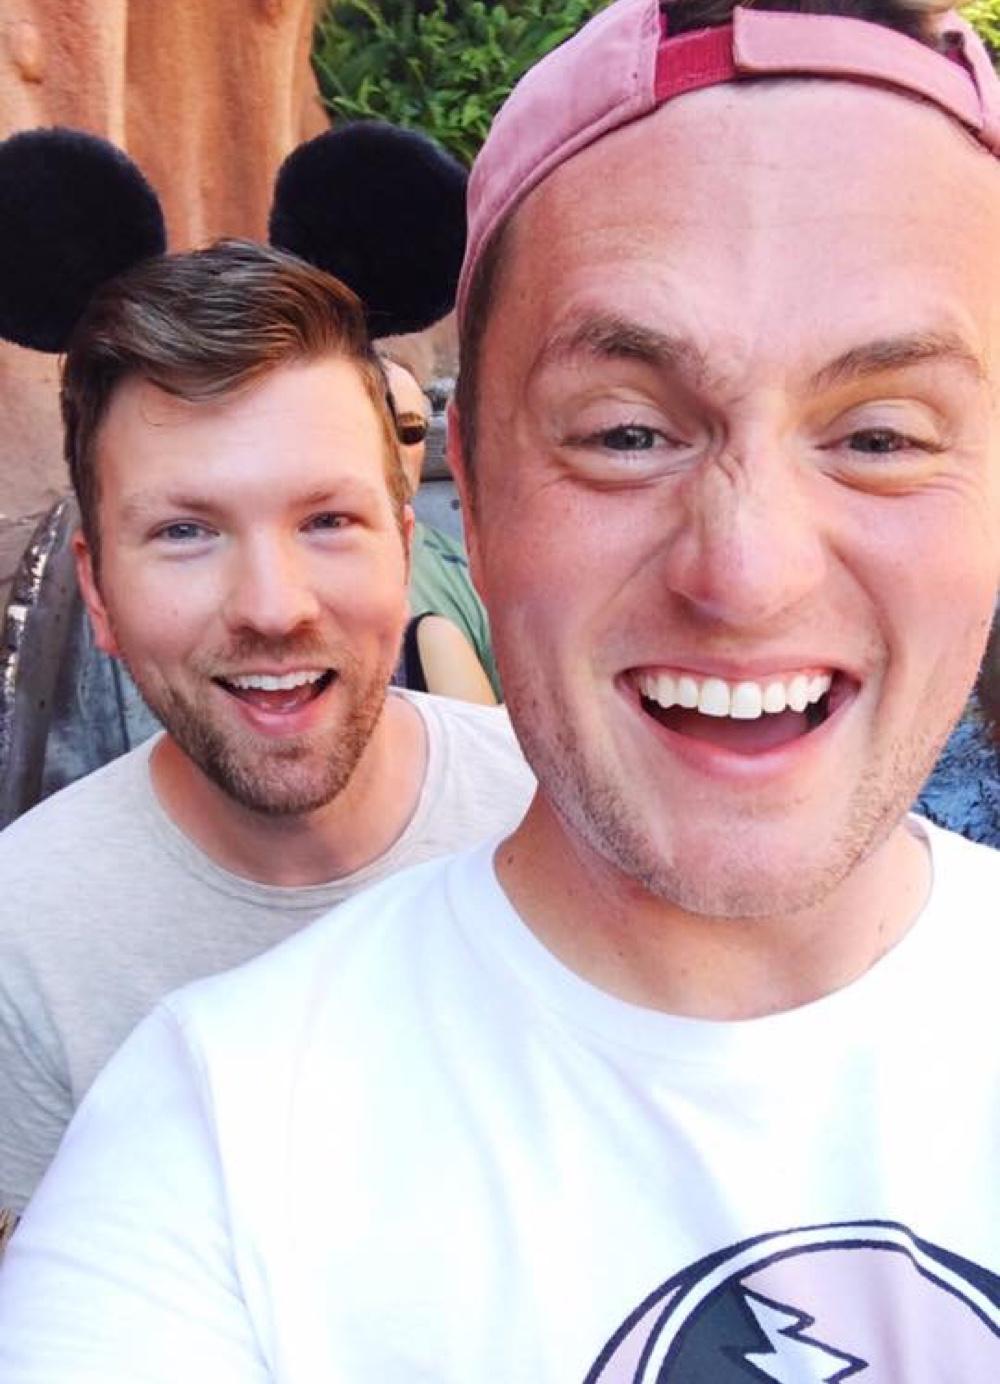 Jonathan and his partner Chris.